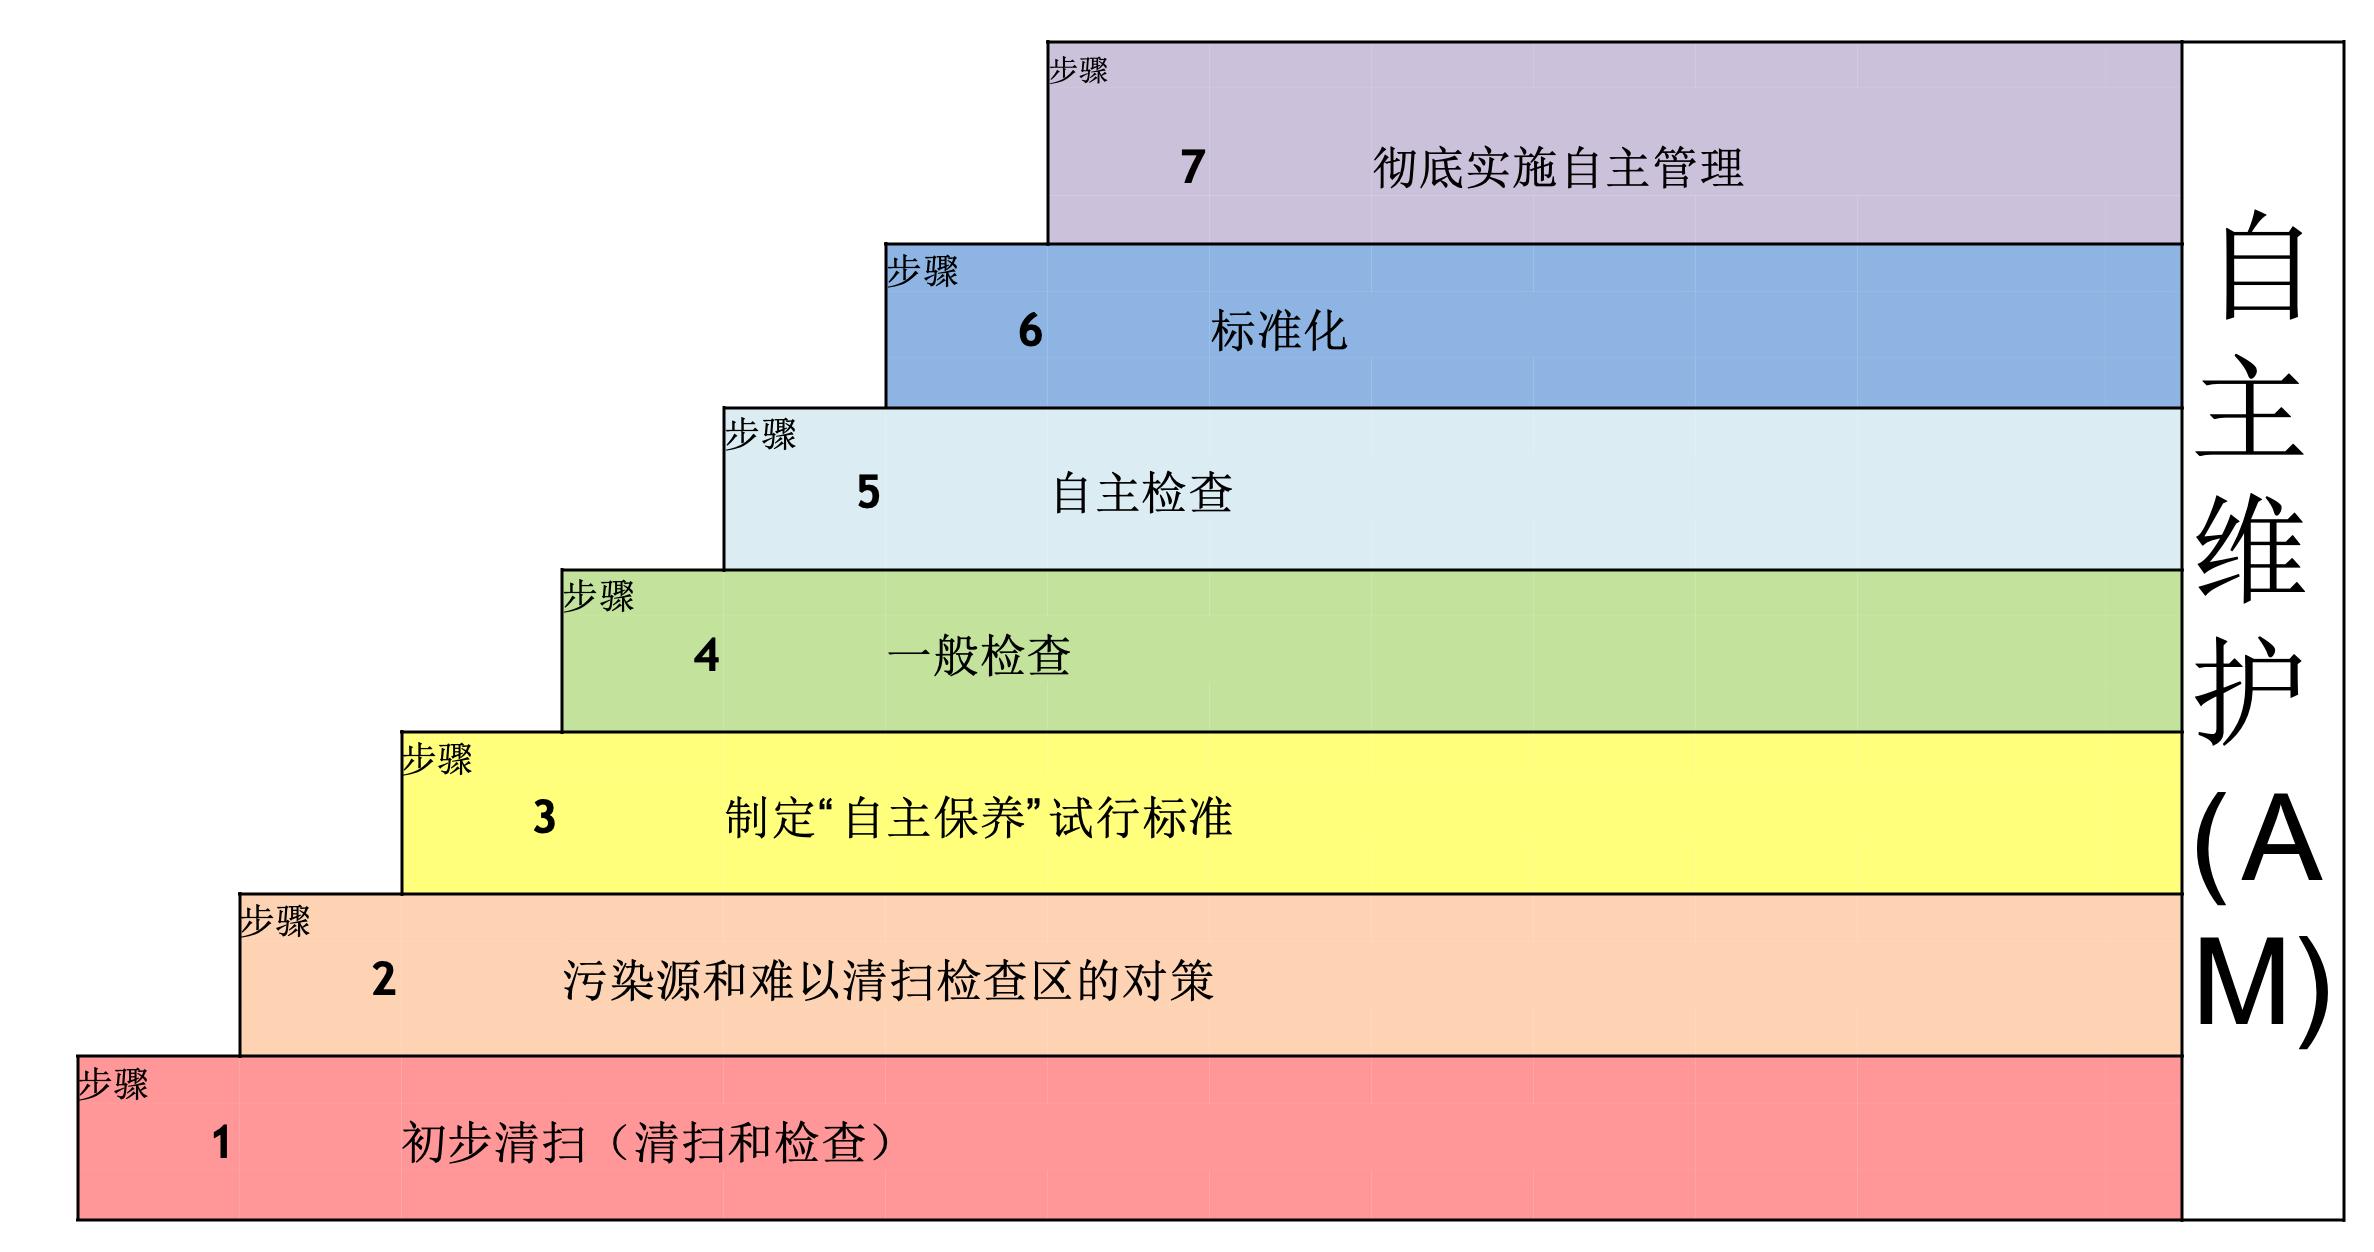 【原创好文】工厂的设备管理人员,你了解自主维护(AM)活动的展开步骤吗?